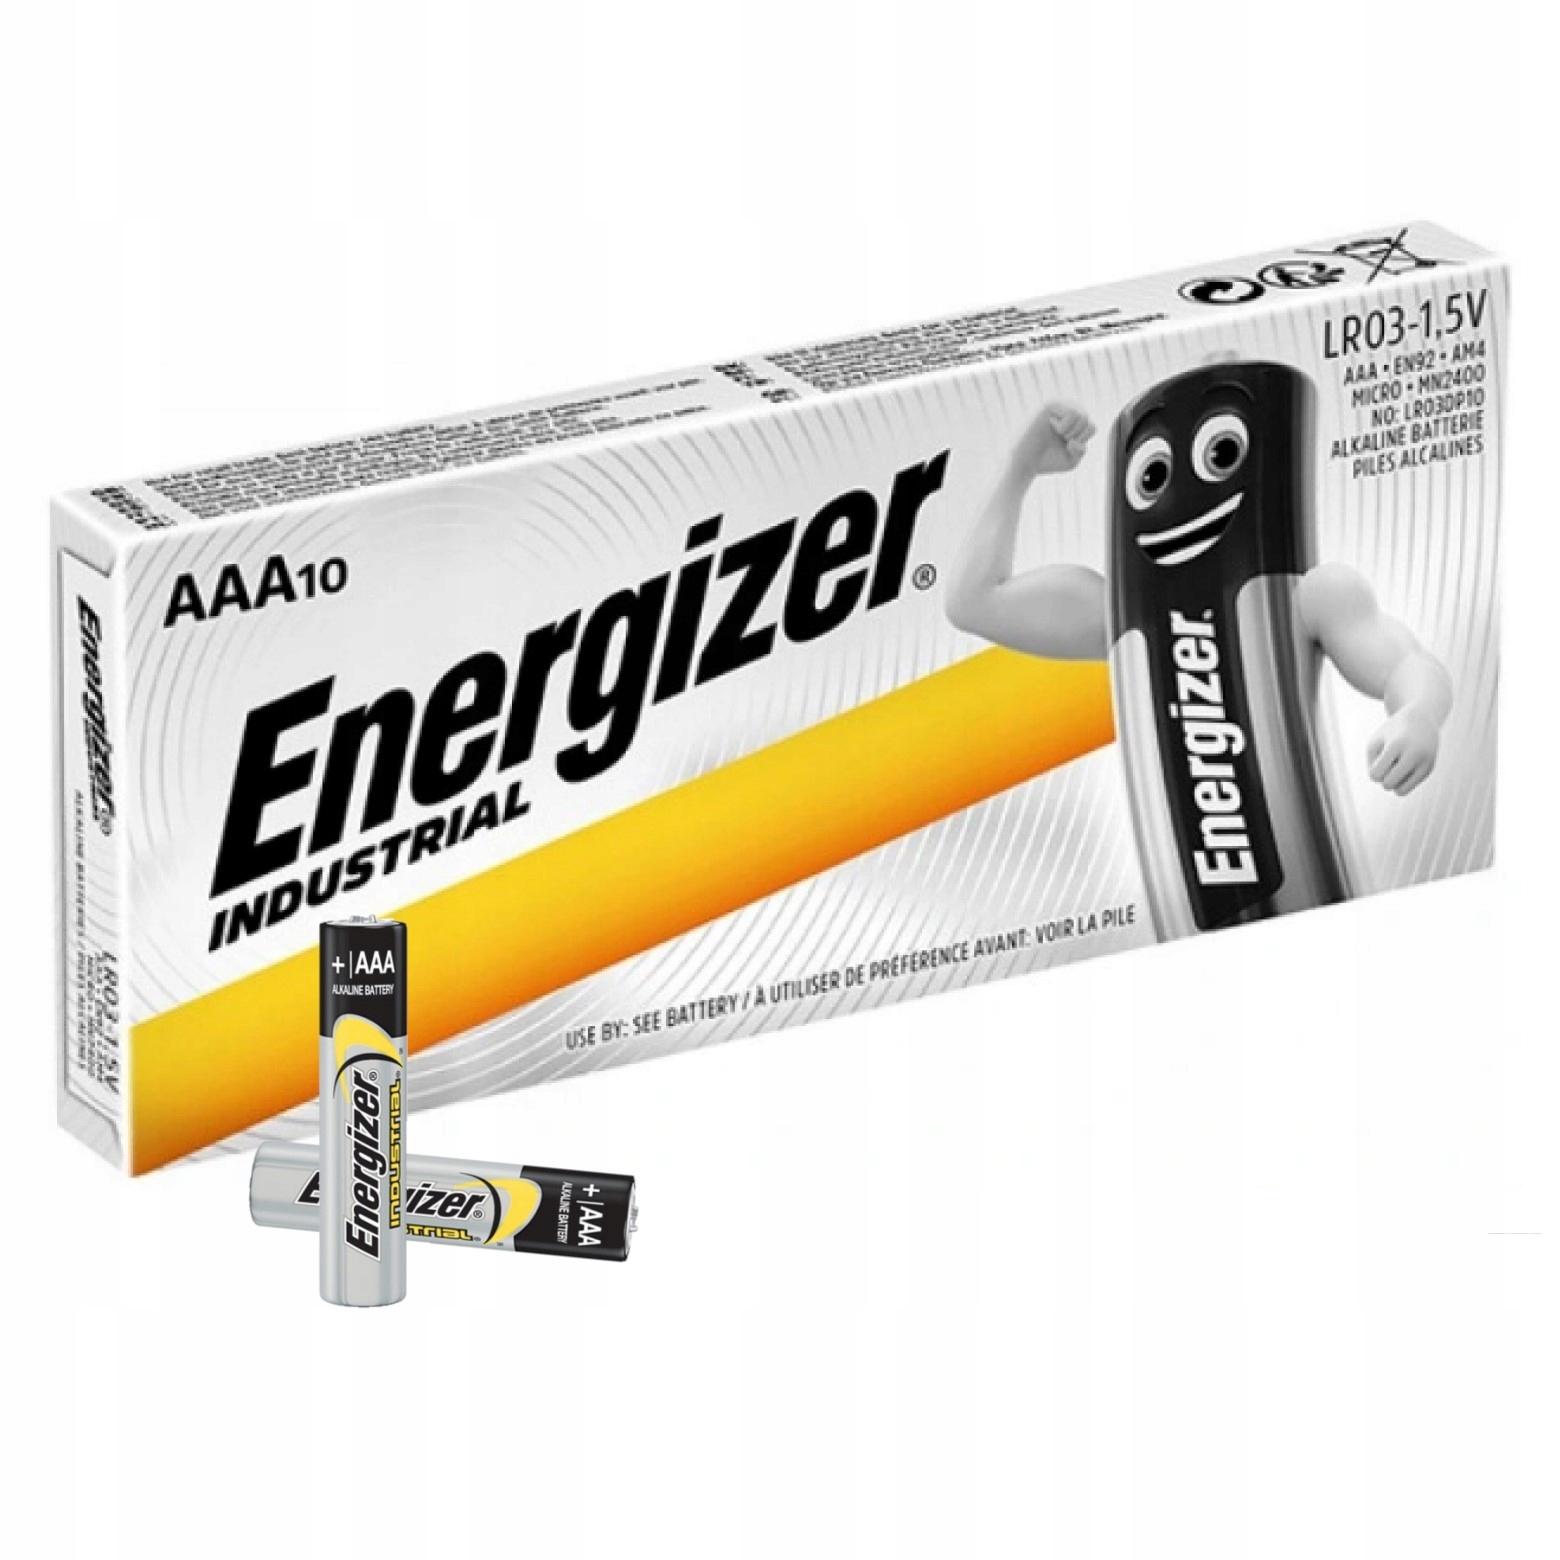 10x MOCNA BATERIA ENERGIZER INDUSTRIAL LR03 R3 AAA